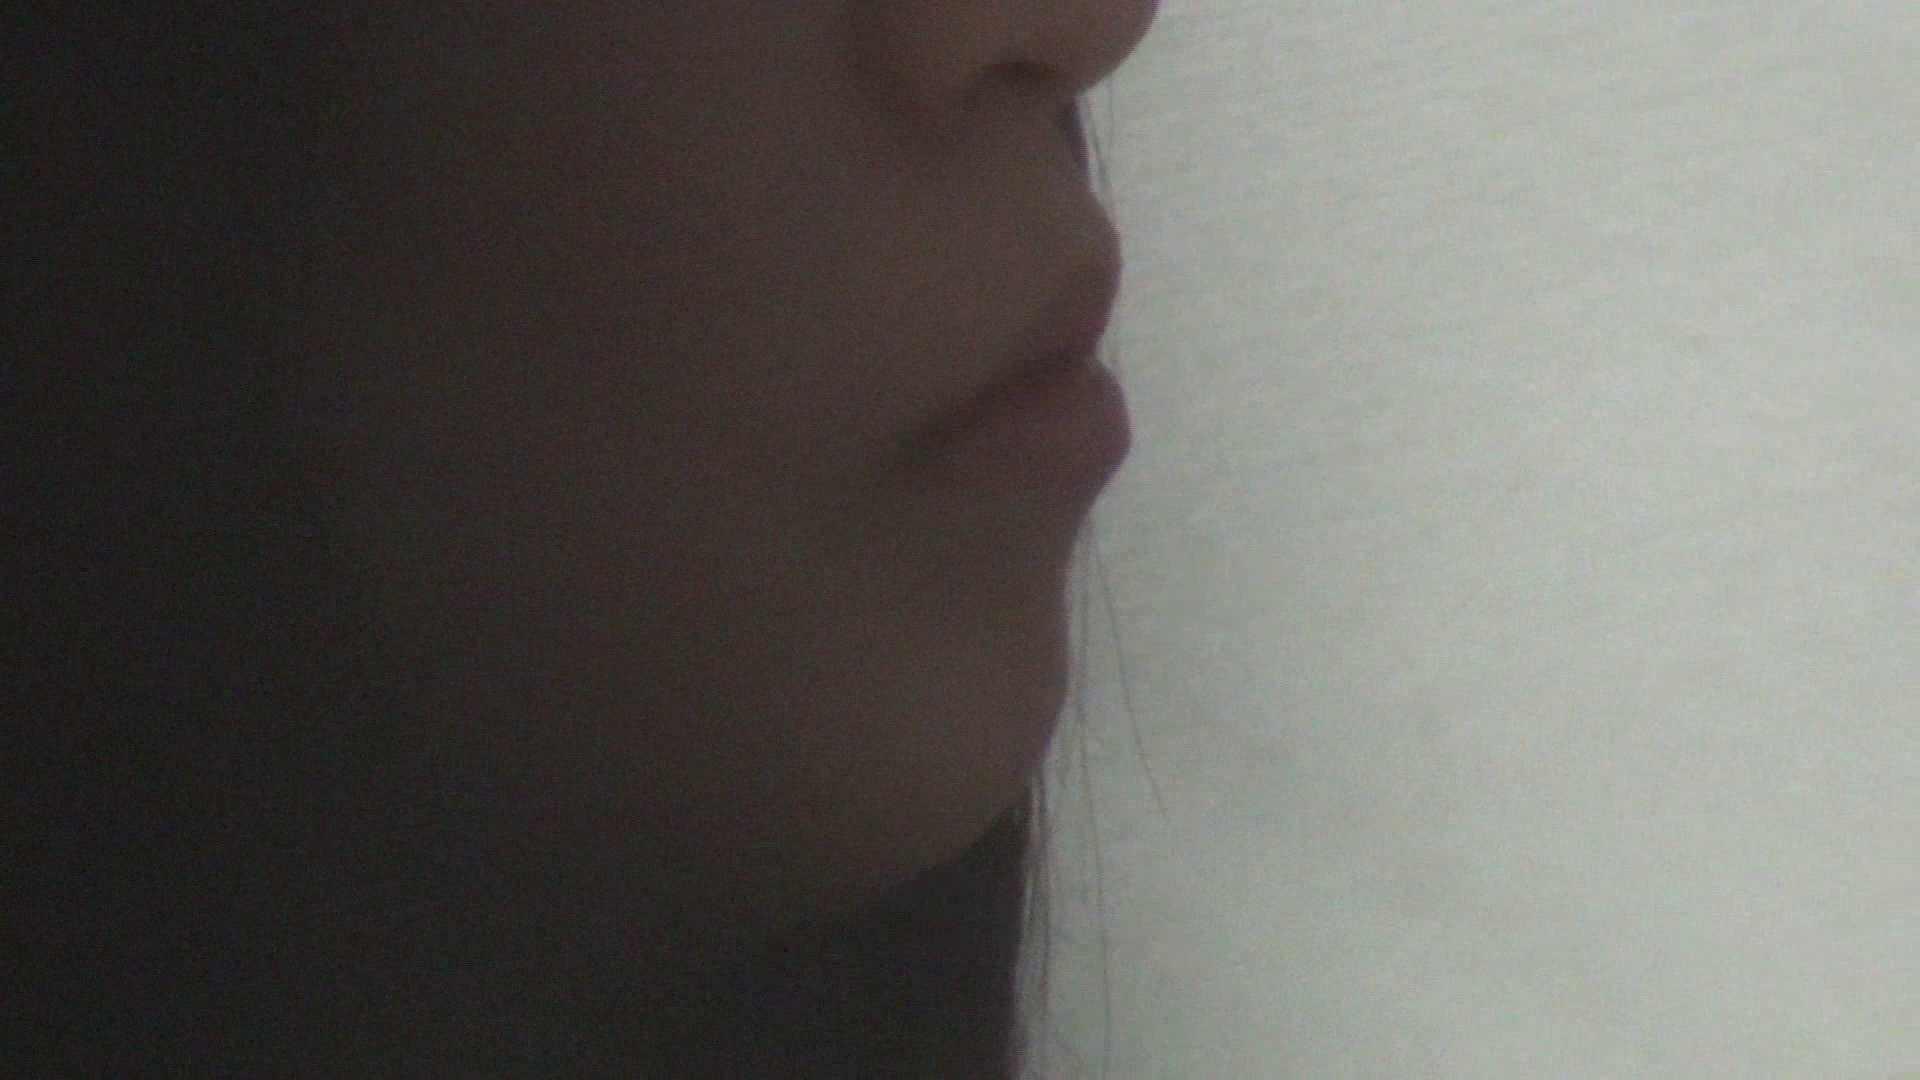 【05】仕事が忙しくて・・・久しぶりにベランダで待ち伏せ 覗き | 盗撮  72連発 71